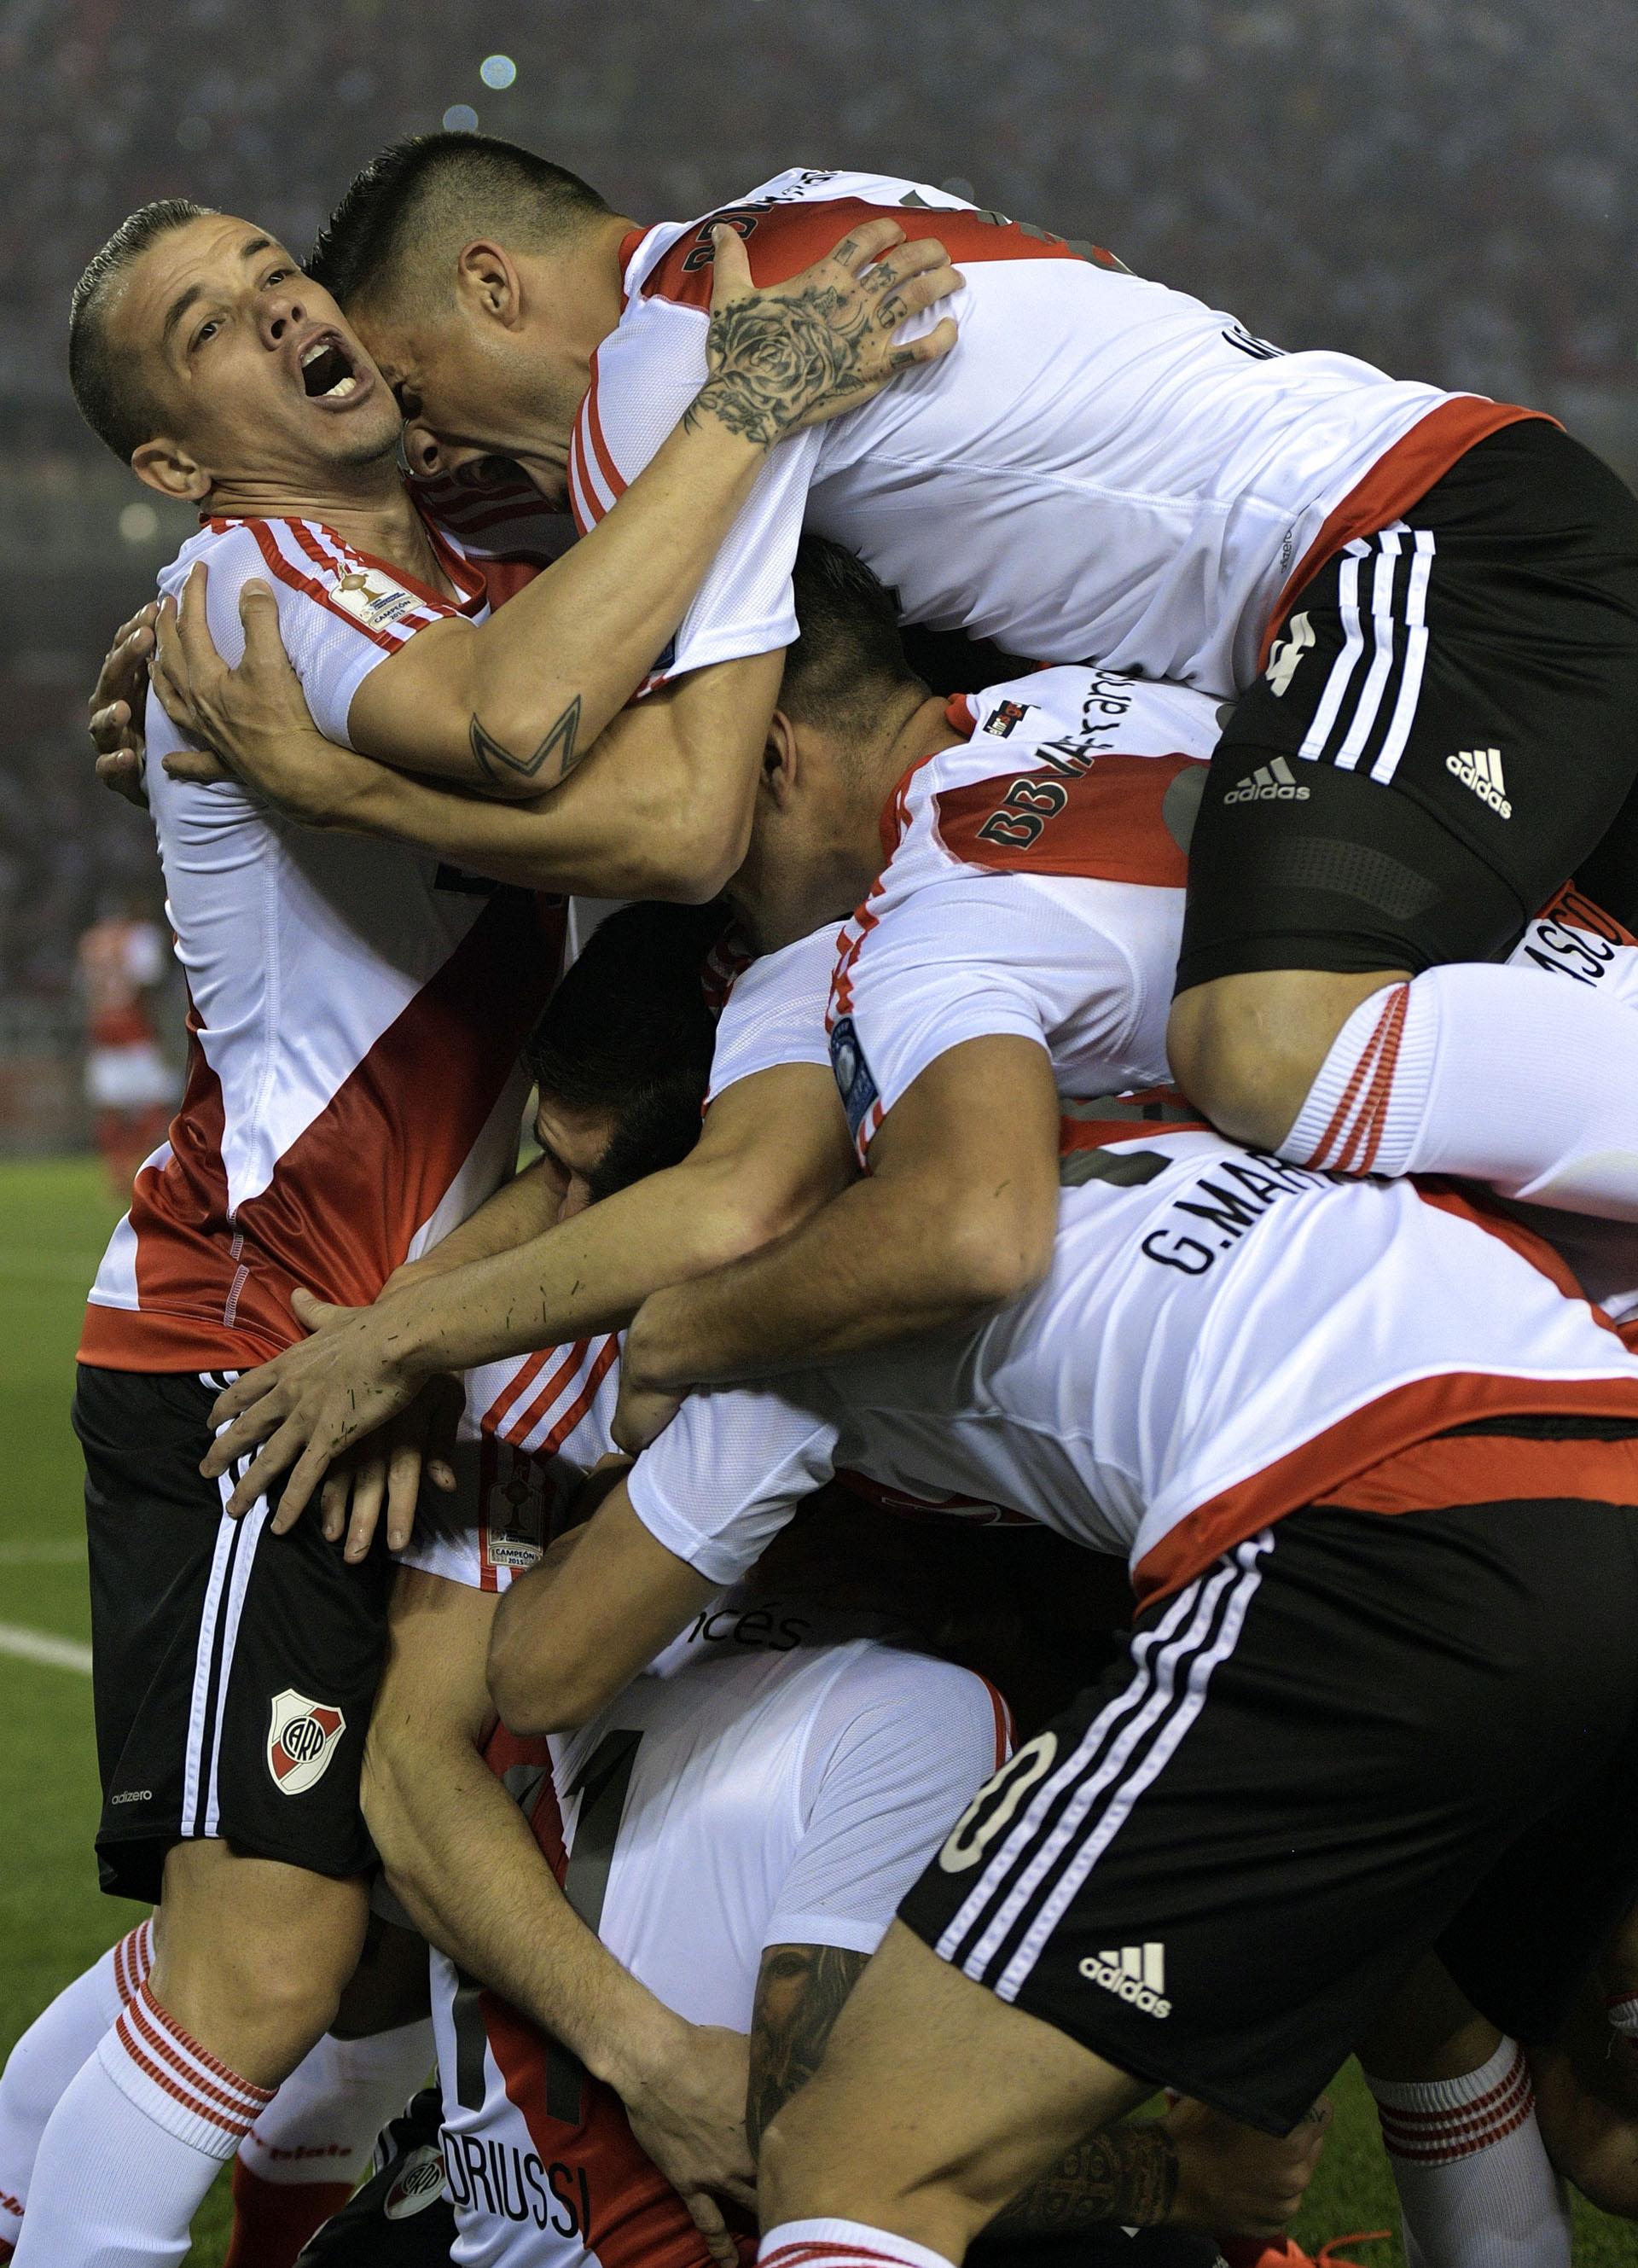 Todos van a abrazar a Driussi, quien quedó tapado, trasel primer gol (AFP)